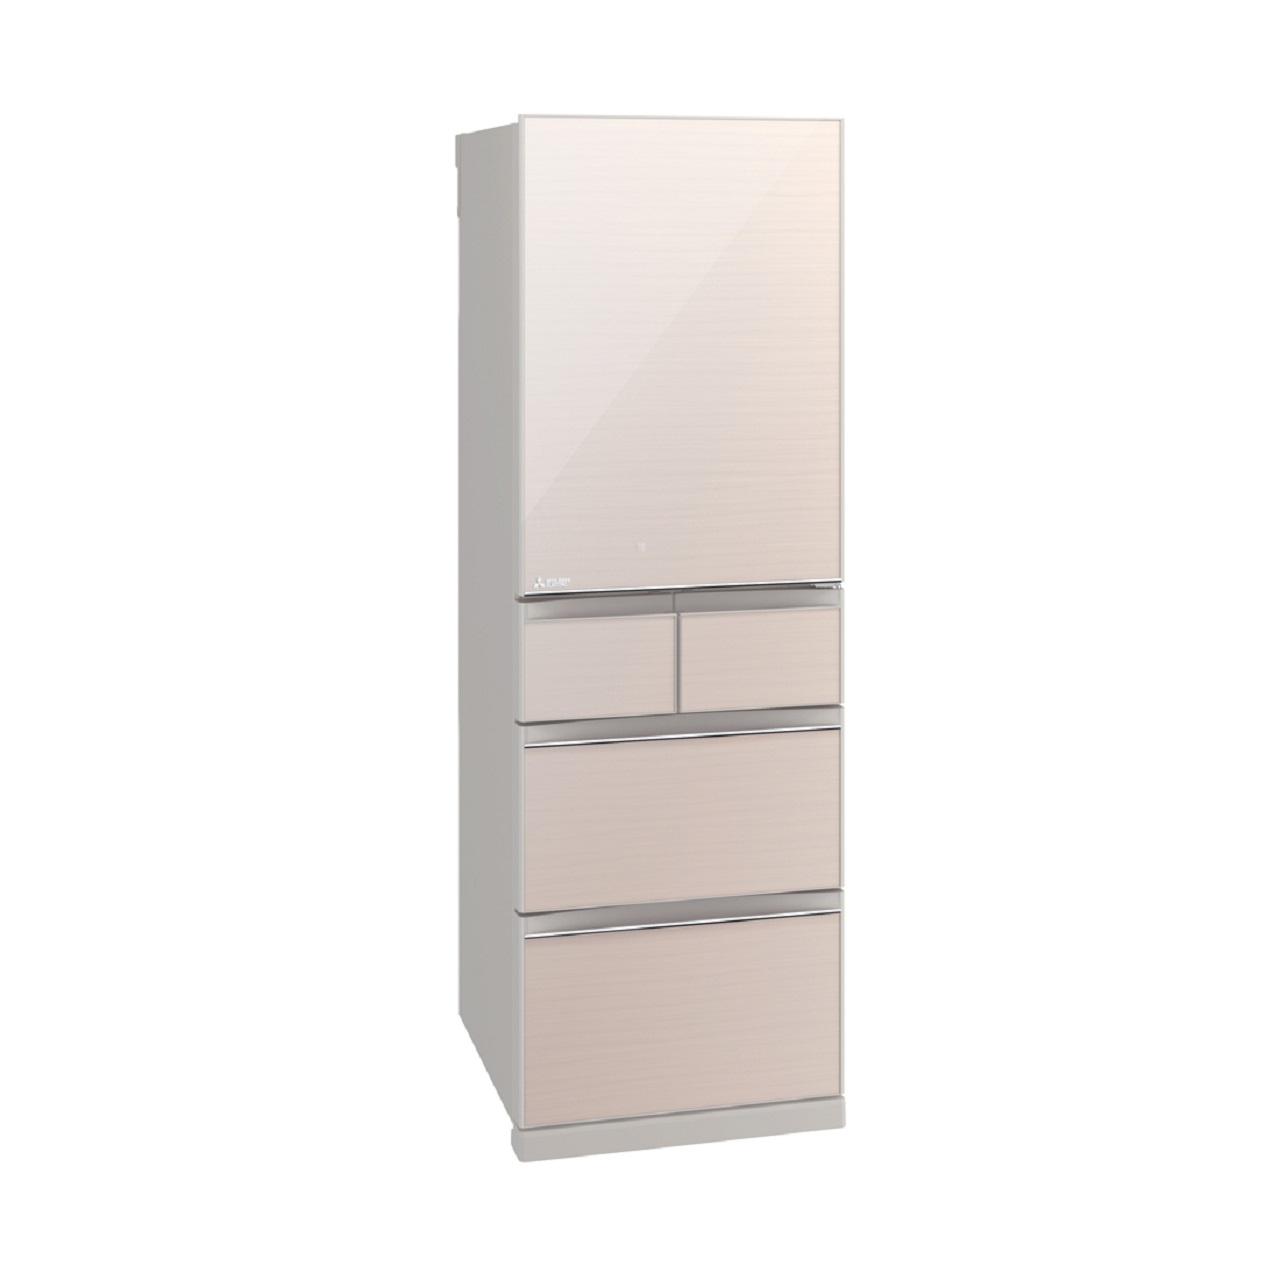 三菱 置けるスマート大容量 BシリーズMR-B46F 5ドア冷蔵庫